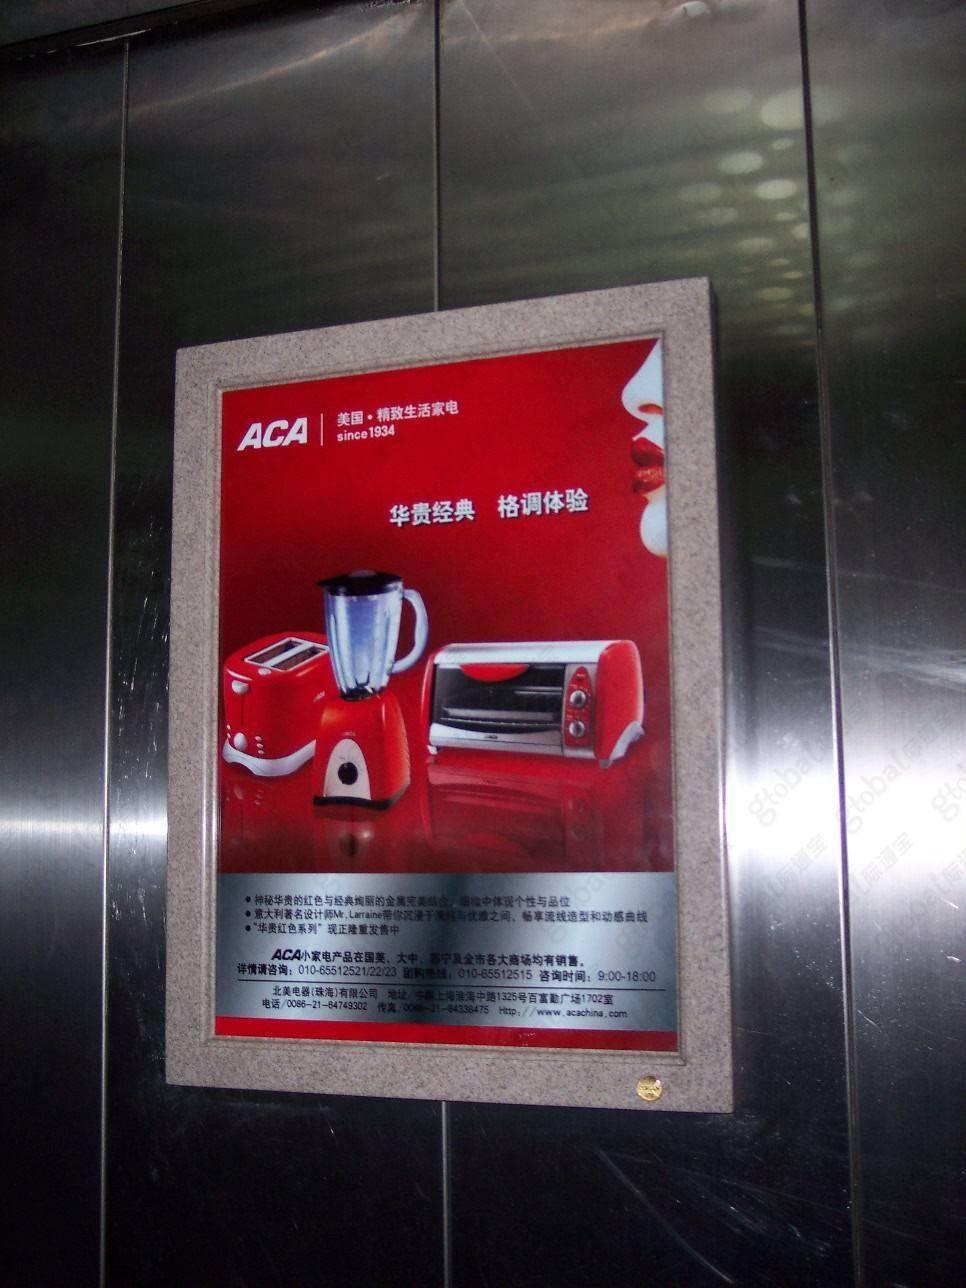 永康电梯广告公司广告牌框架3.0投放(100框起投)